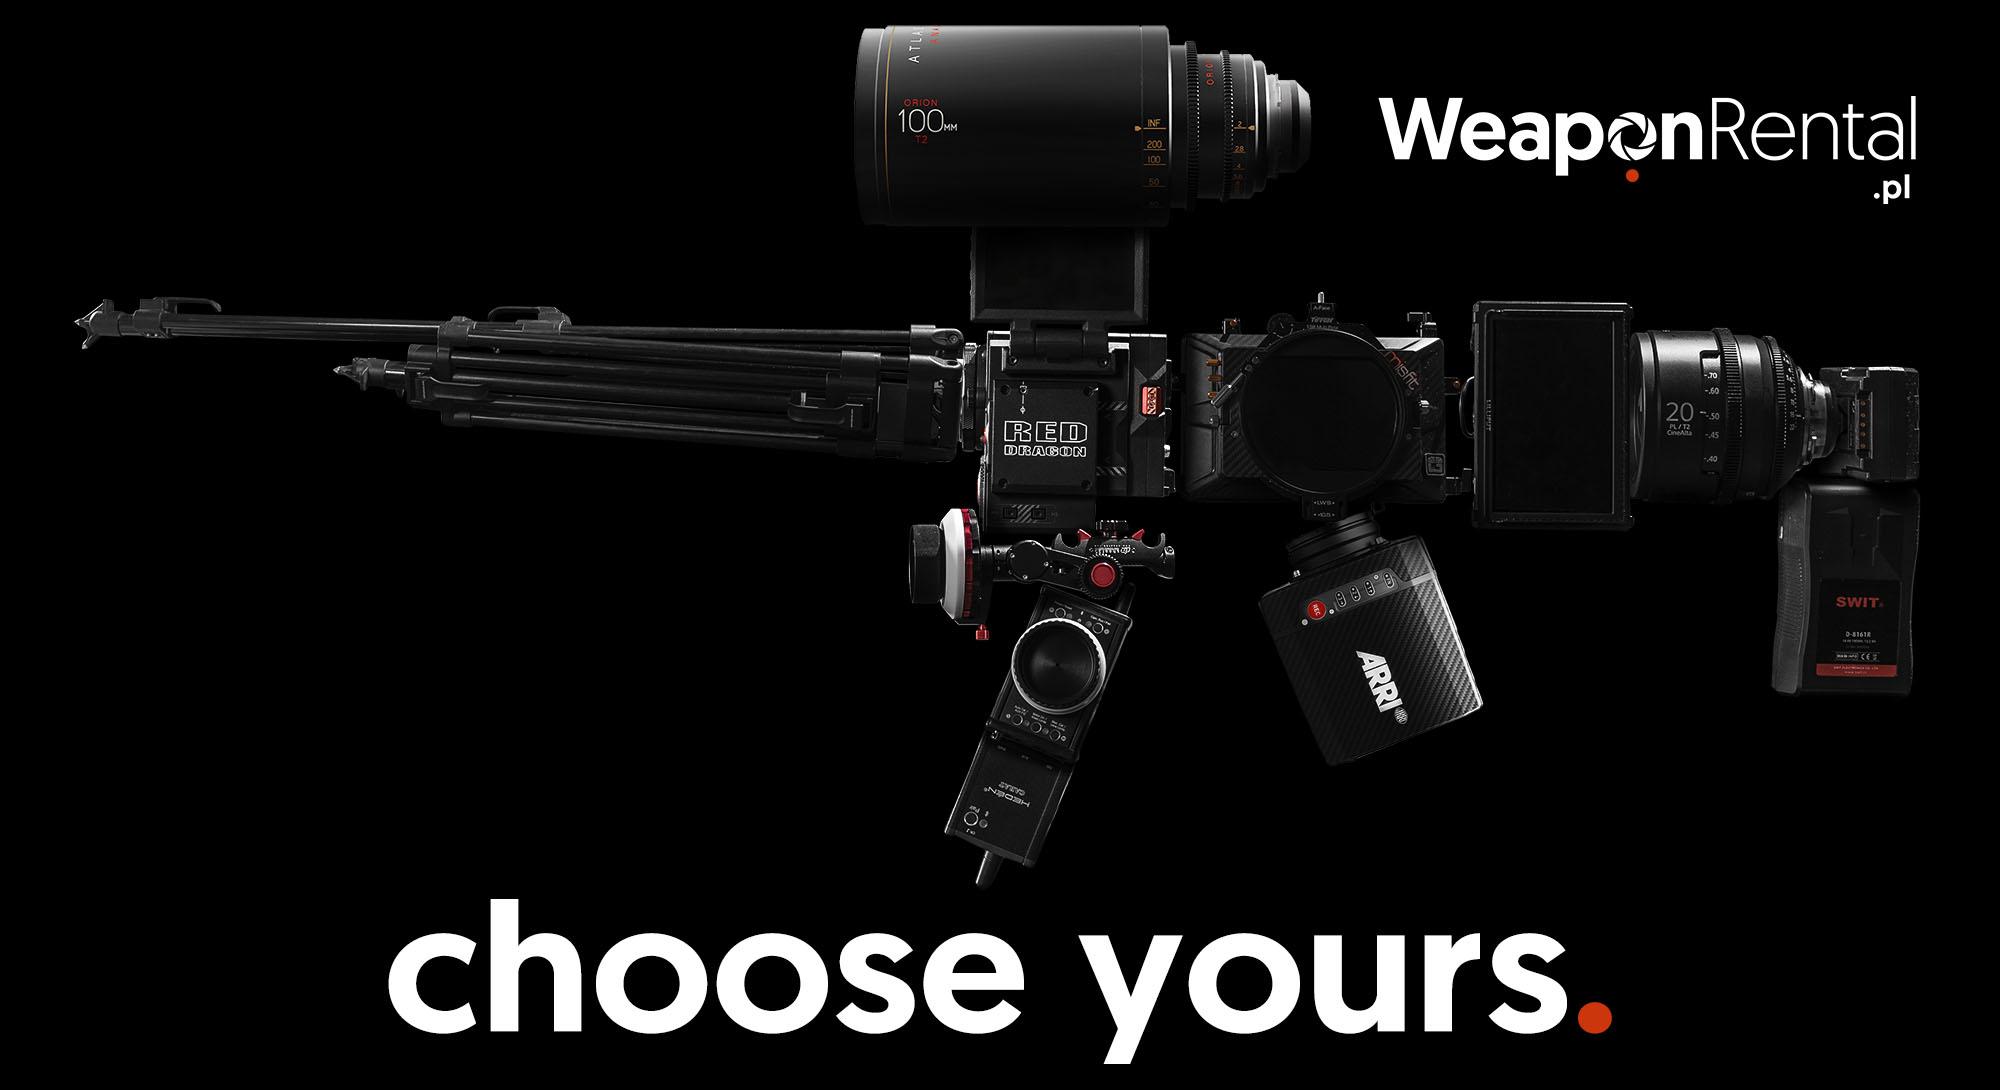 wypożyczalnia kamer Red Dragon Arri Alexa Mini Weapon Rental